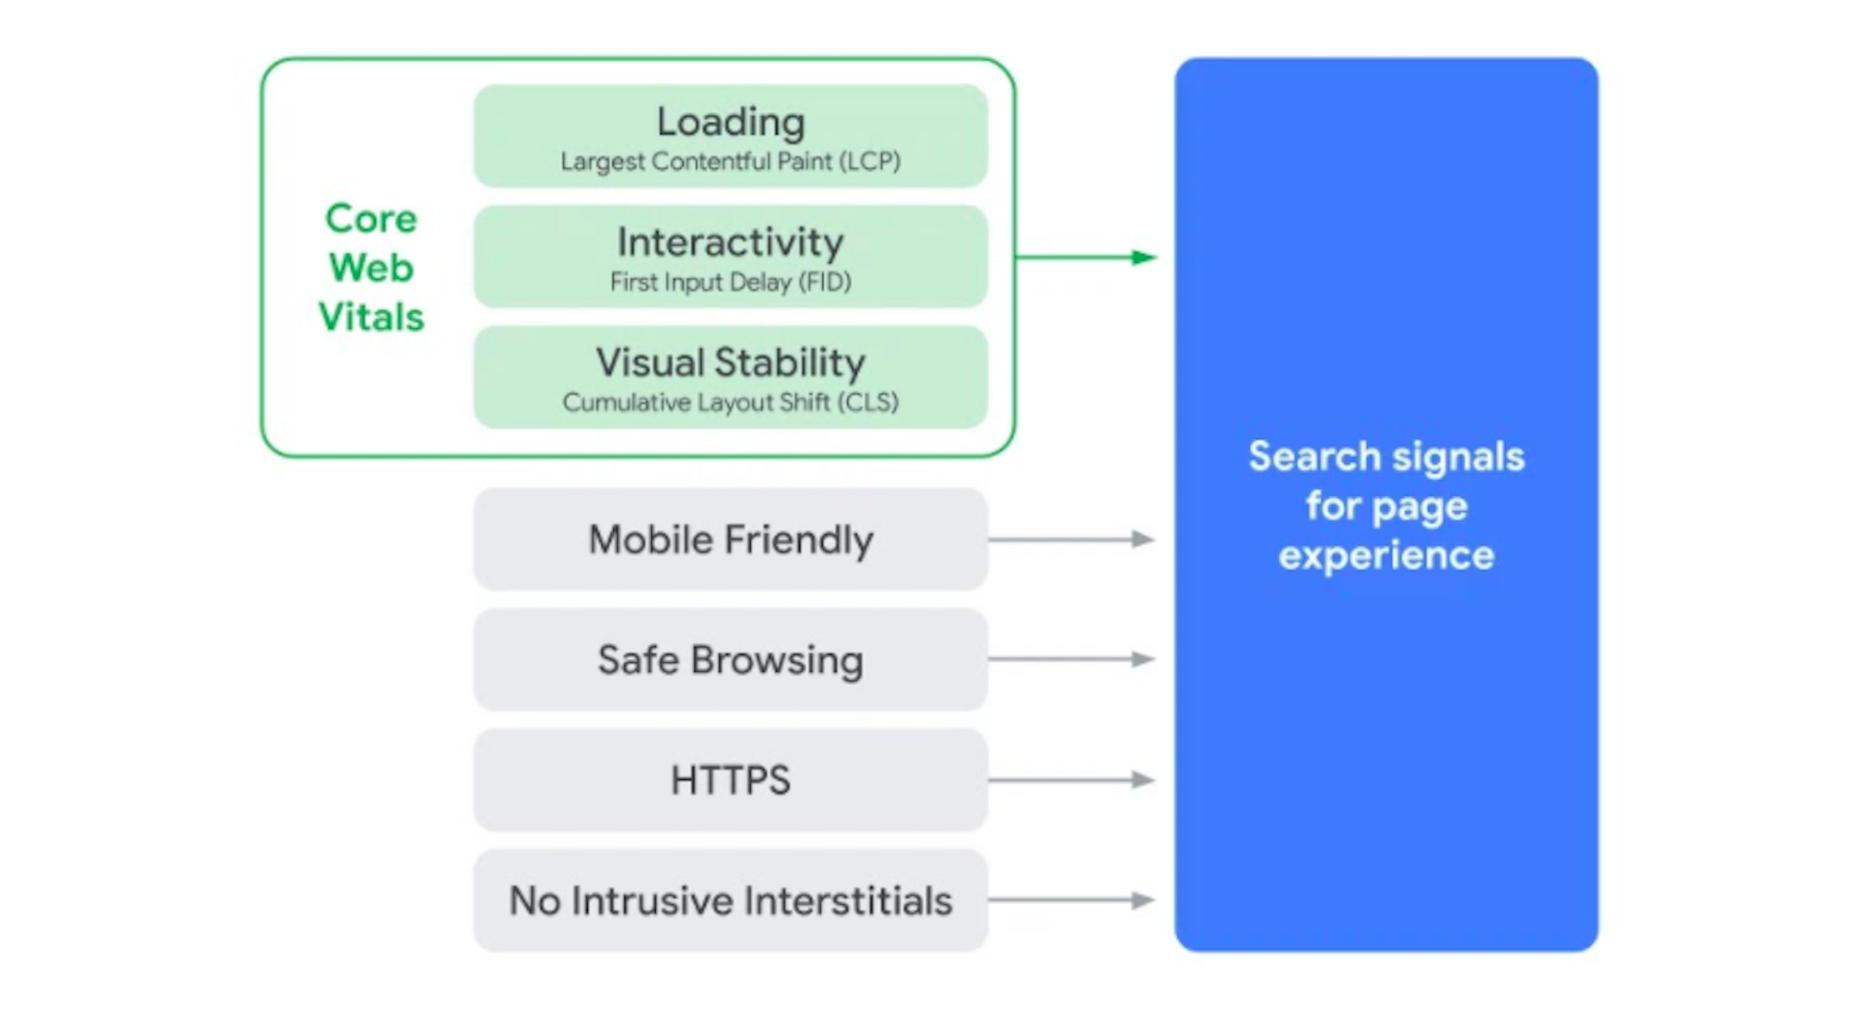 Sygnały aktualizacji Google Page Experience Update